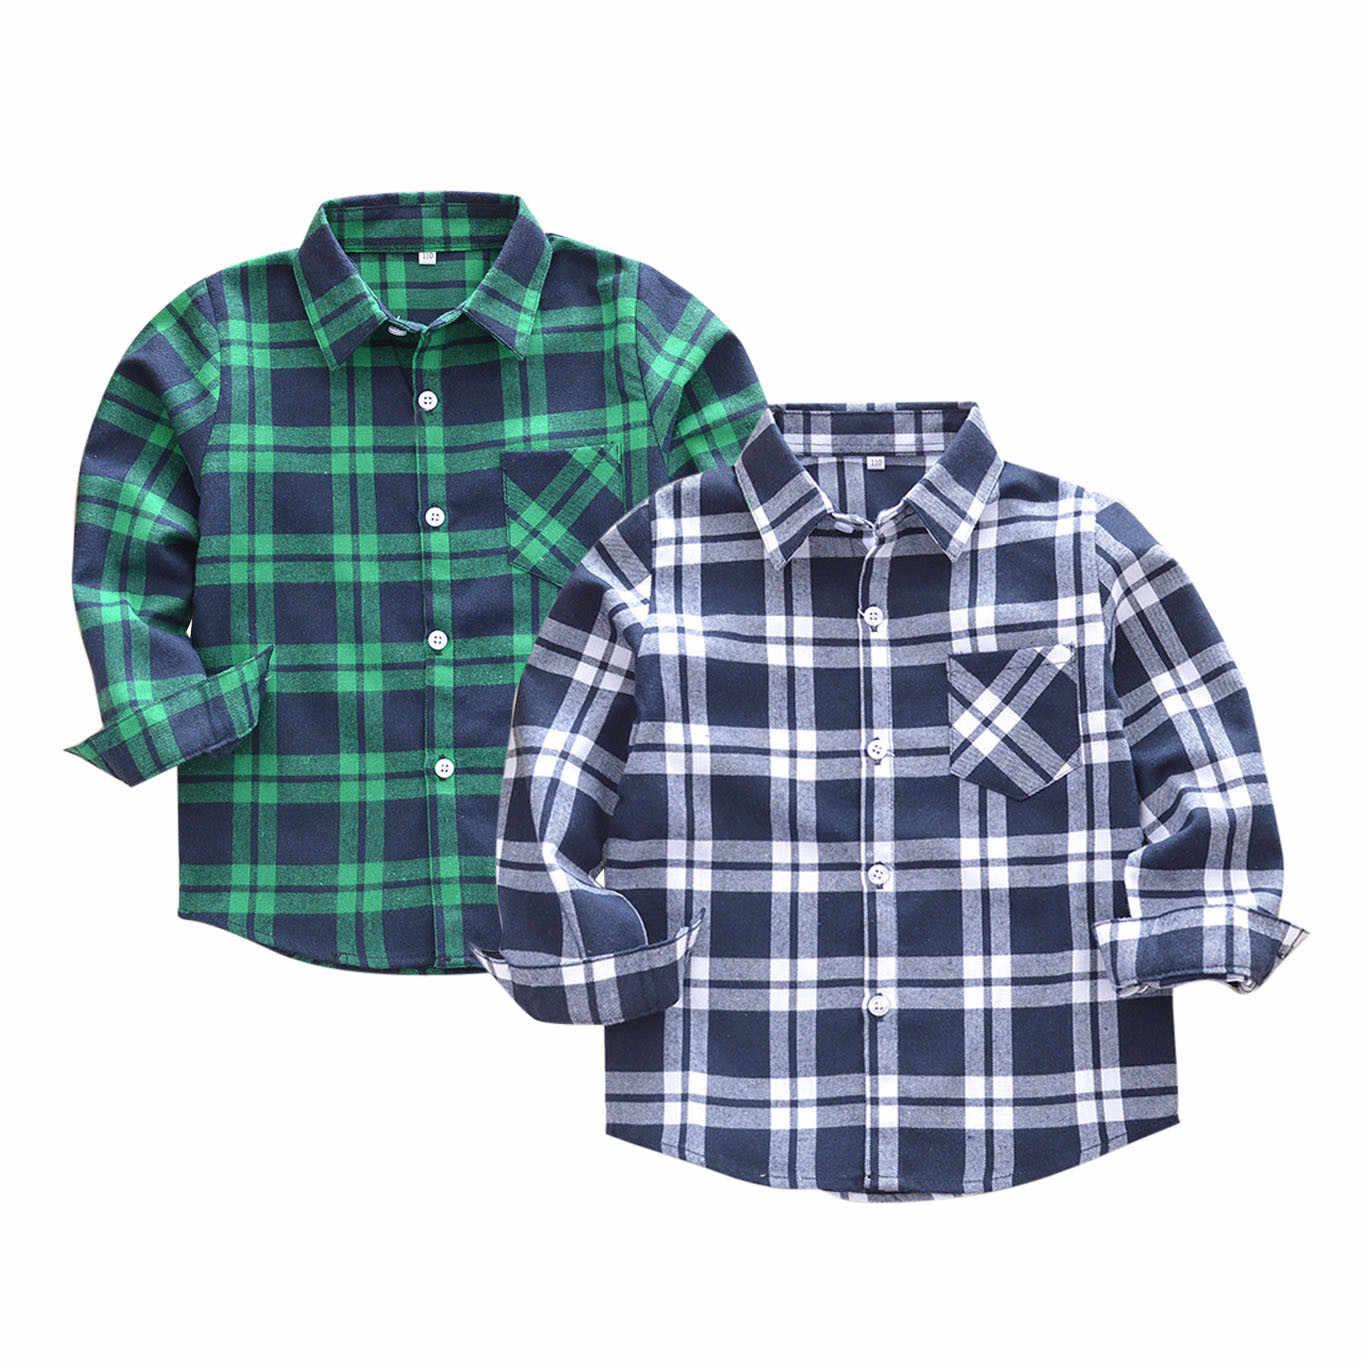 Crianças meninos meninas blusa xadrez camisas roupas camisas para meninos camisas de manga longa da criança blusas camisas mujer de moda 2019